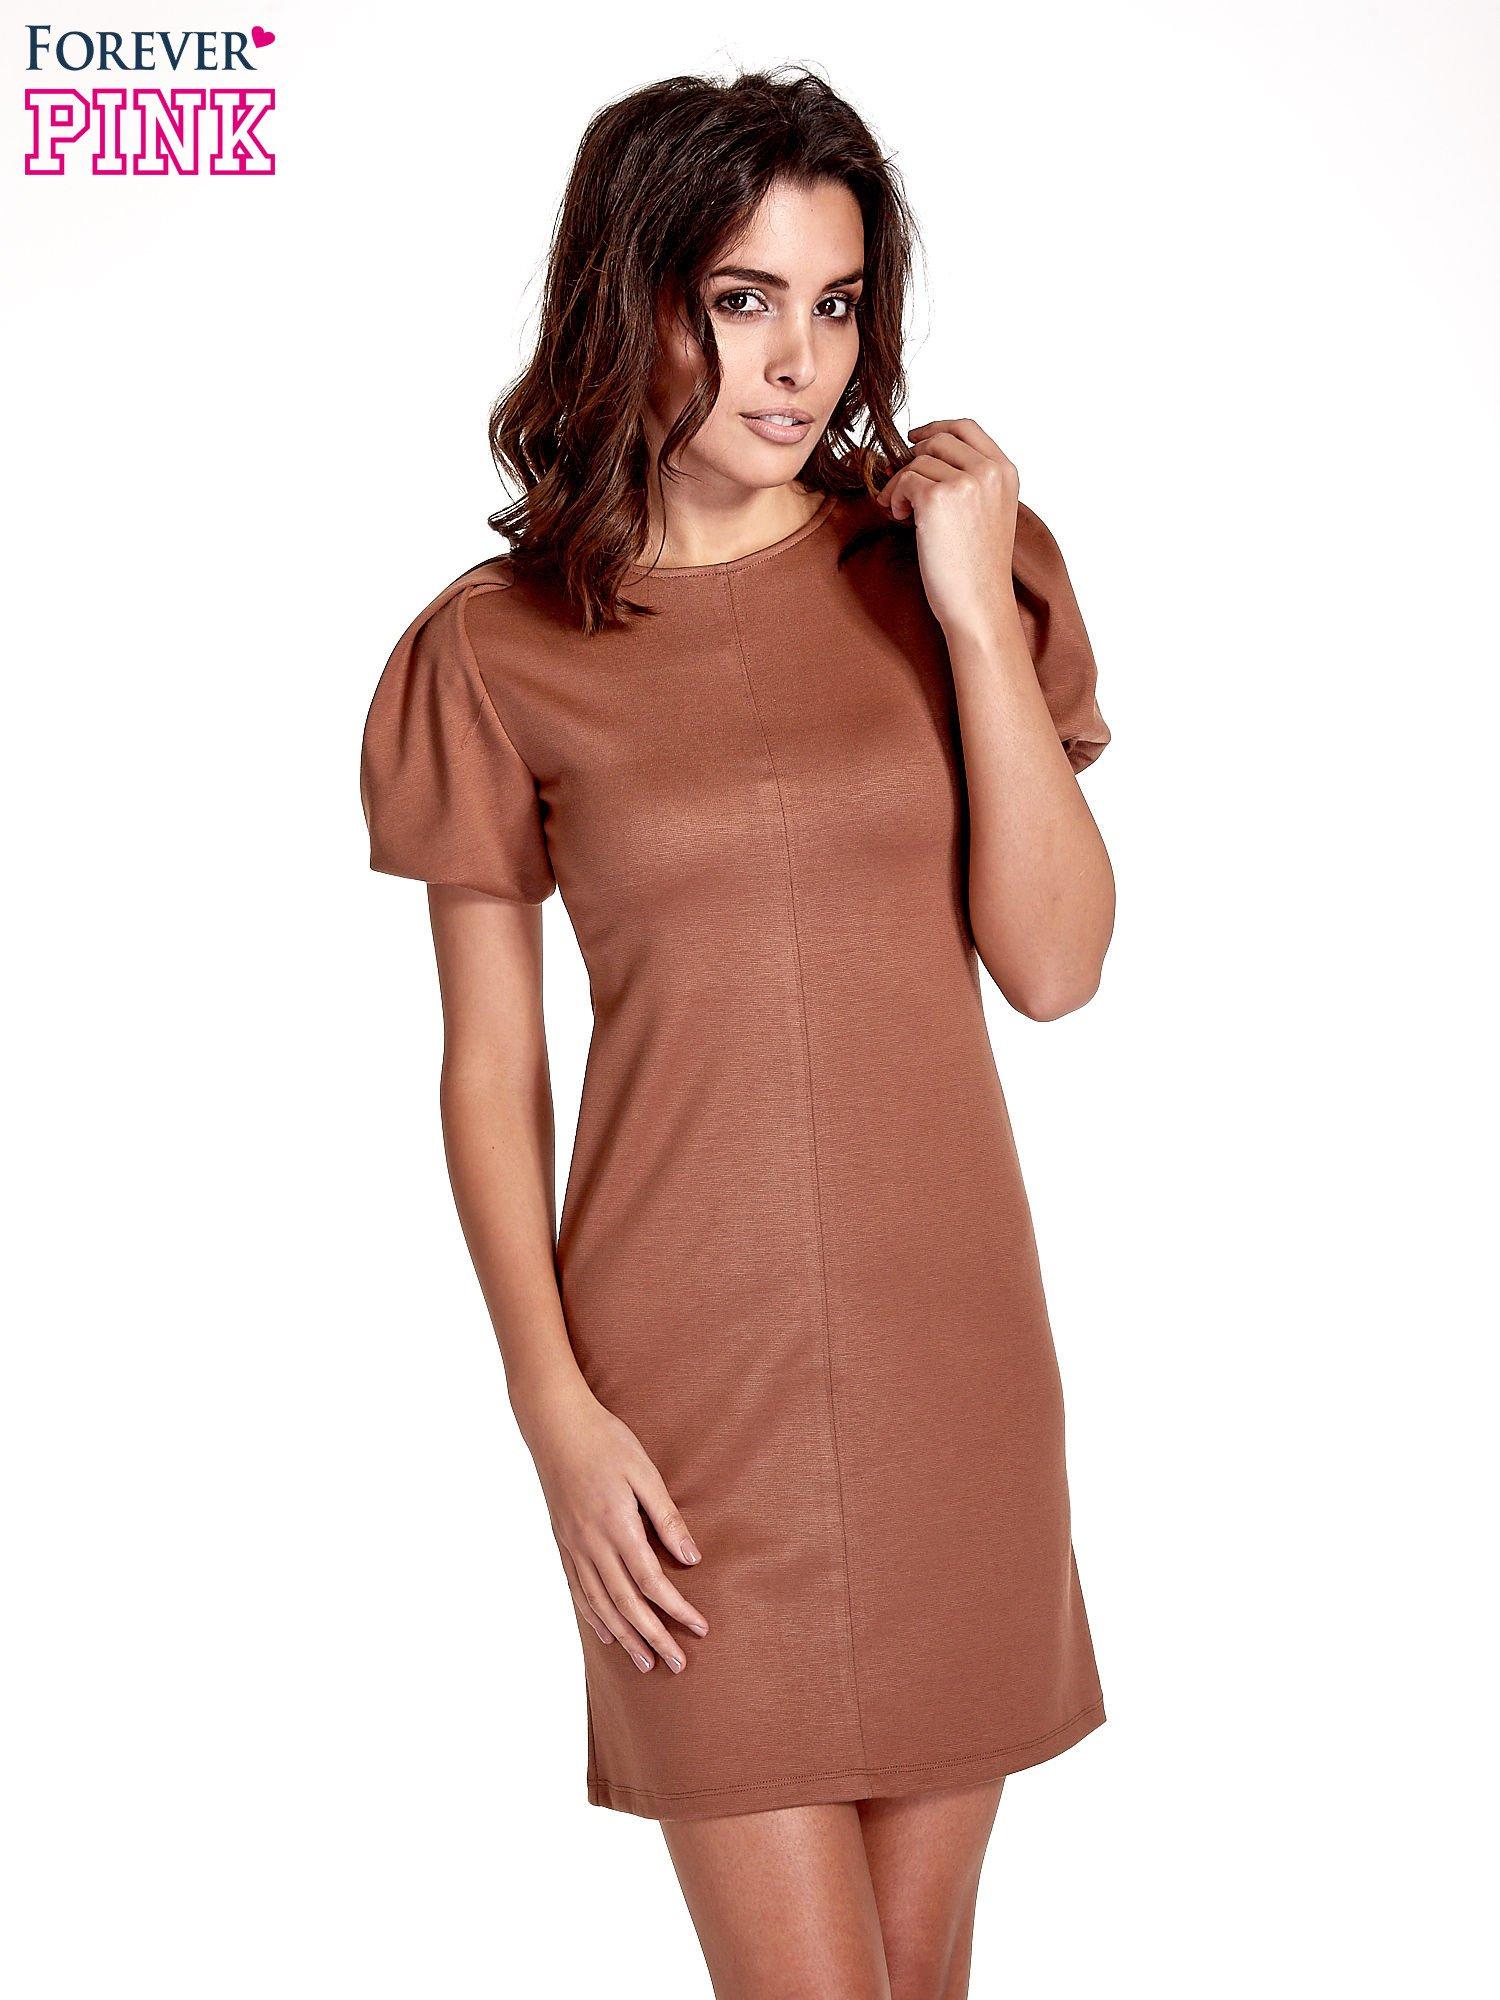 Brązowa gładka sukienka z bufiastymi rękawami                                  zdj.                                  1